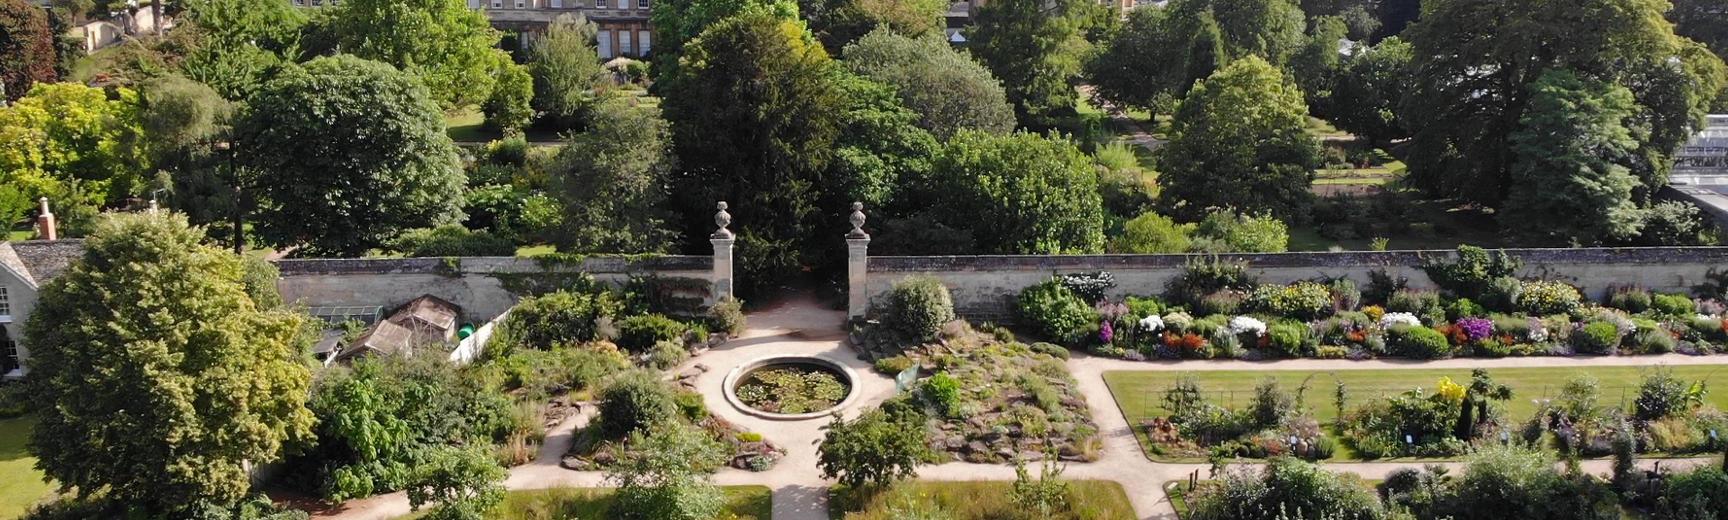 botanic garden drone  summer 2019